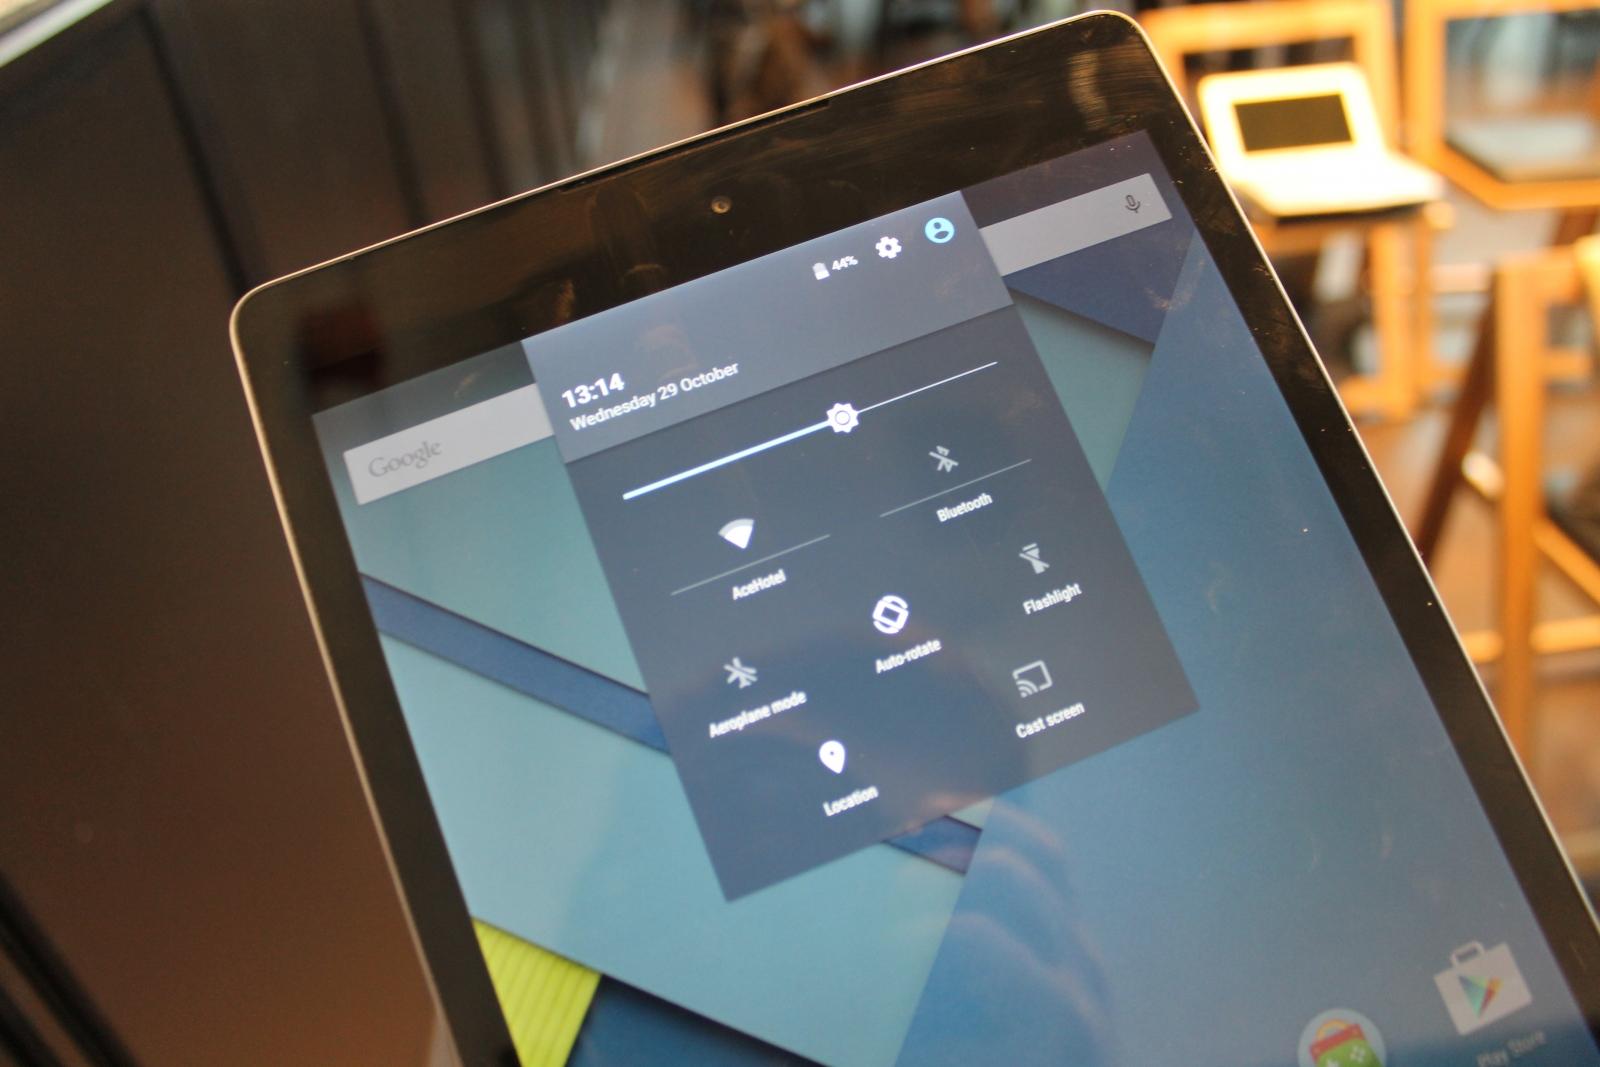 Nexus 9 Hands-On Rreview